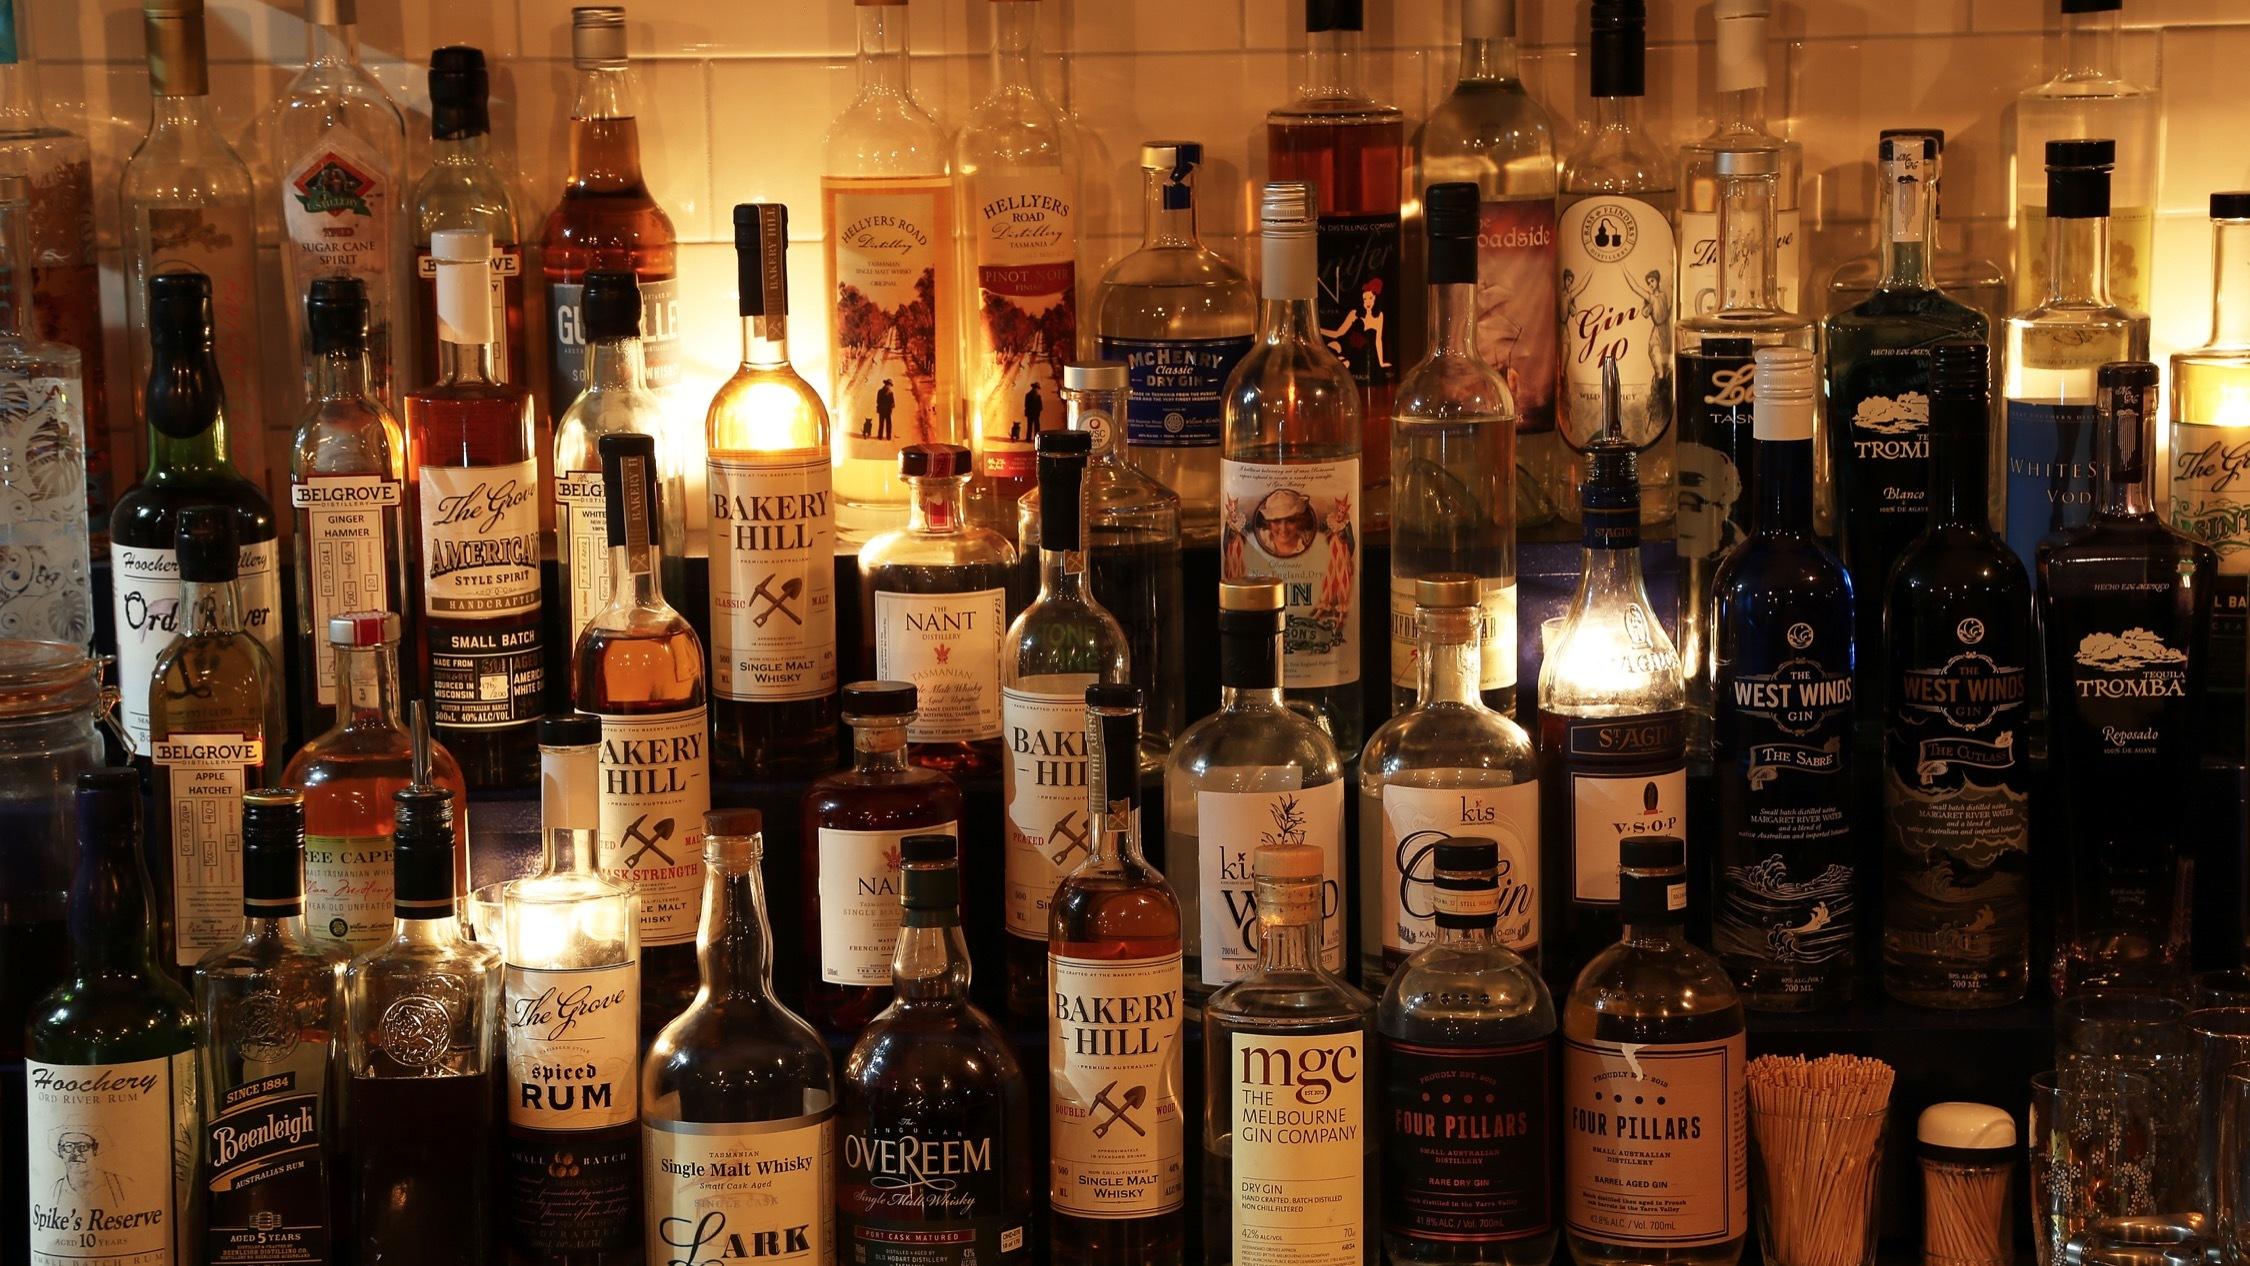 Bar at Bad Frankie